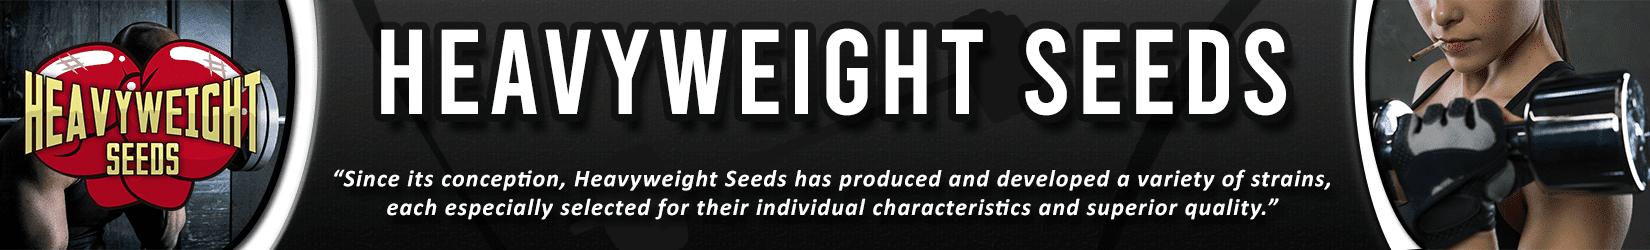 Cannabis Seeds Breeder - Heavyweight Seeds